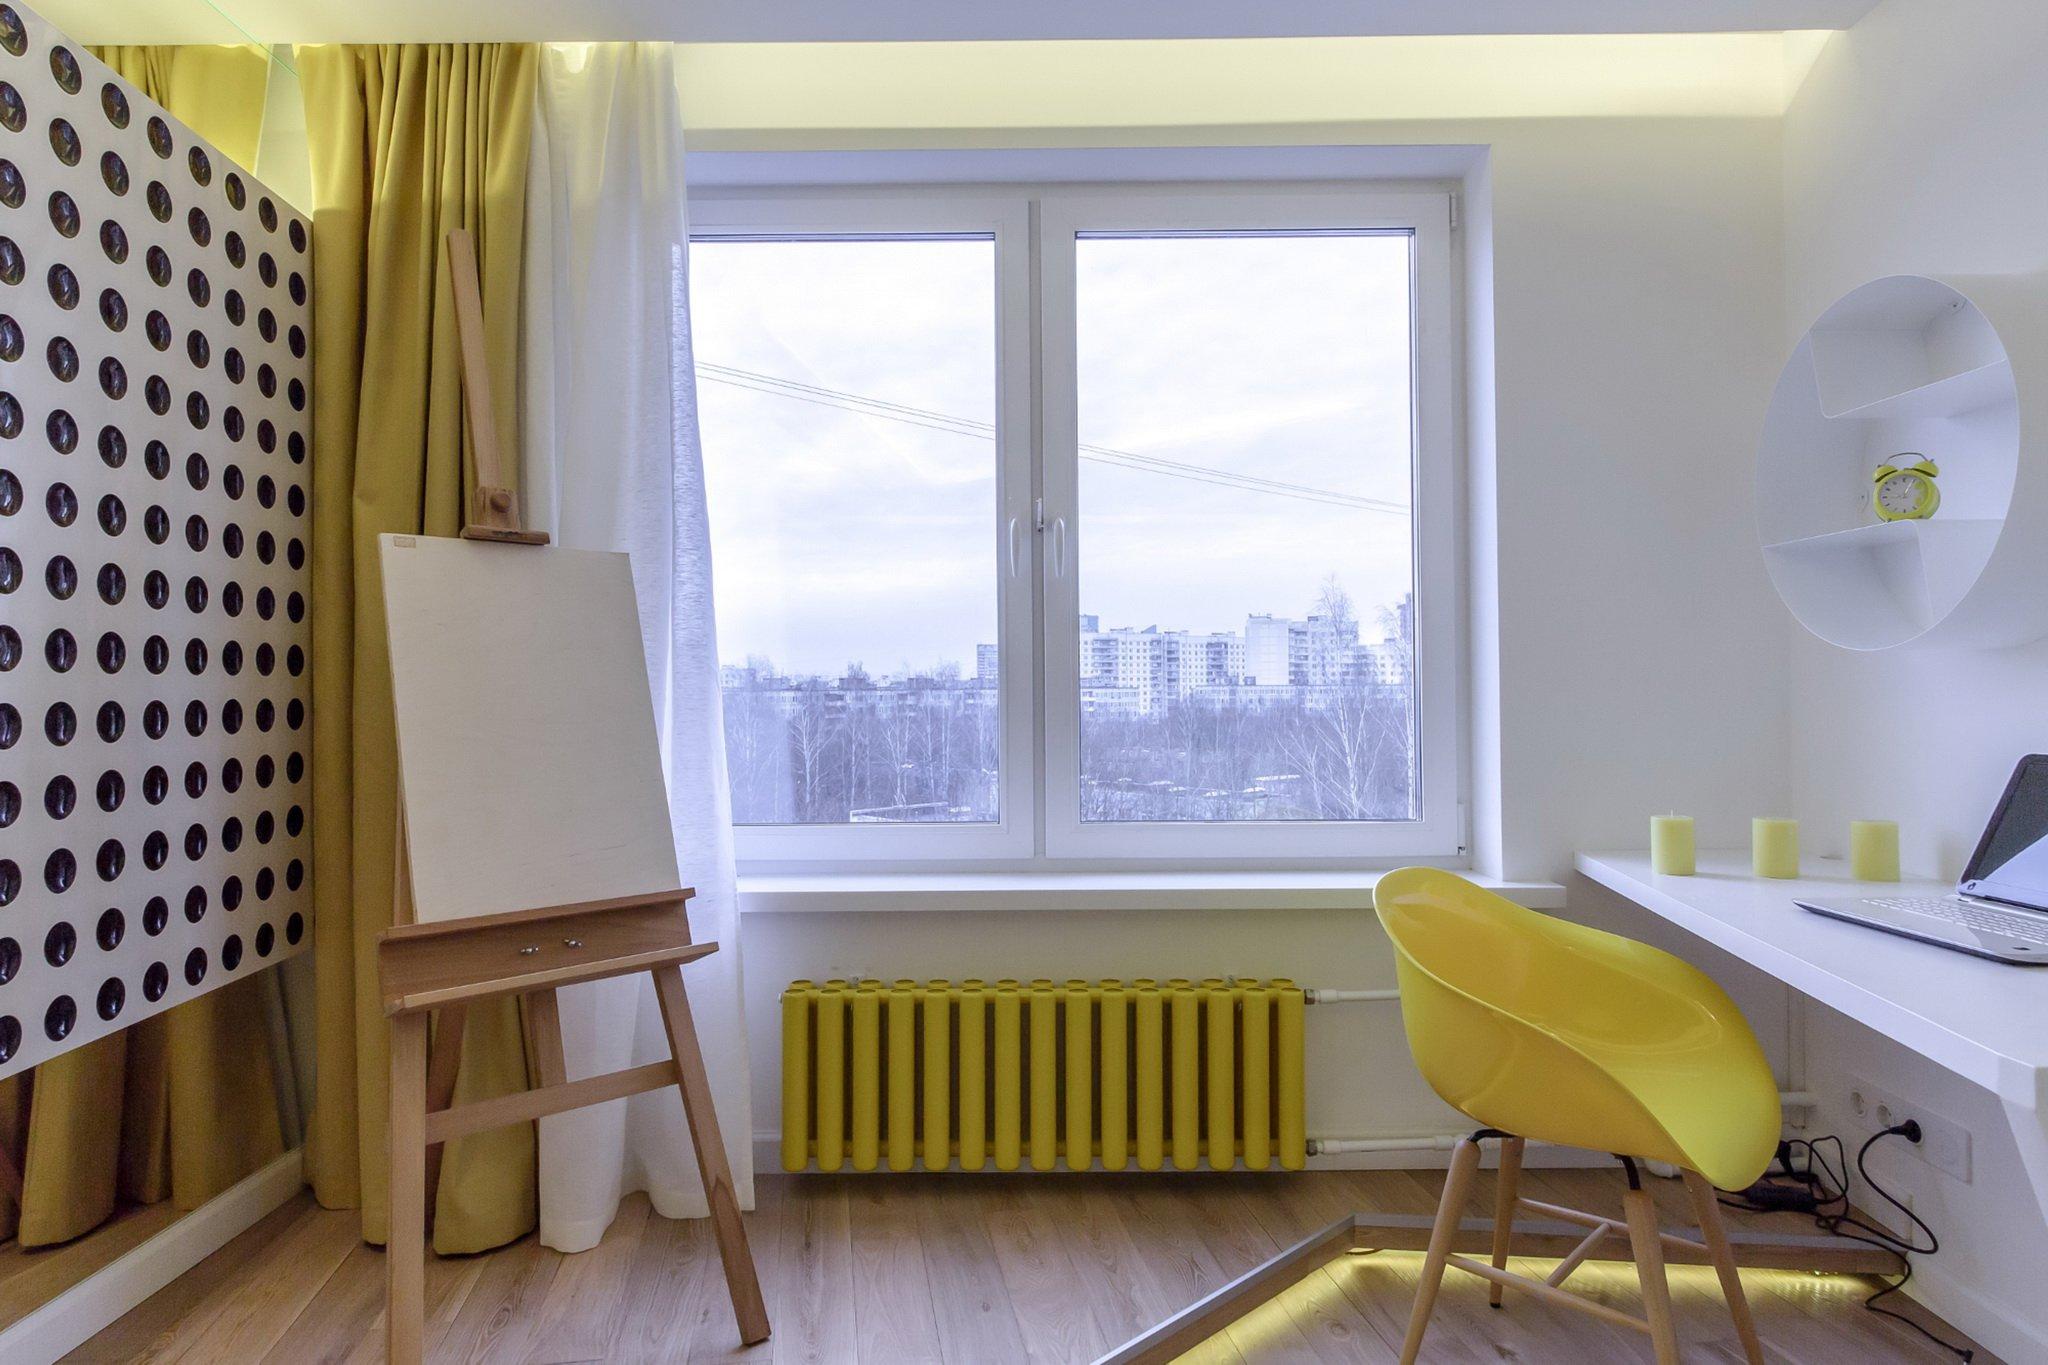 Яркая желтая батарея в комнате